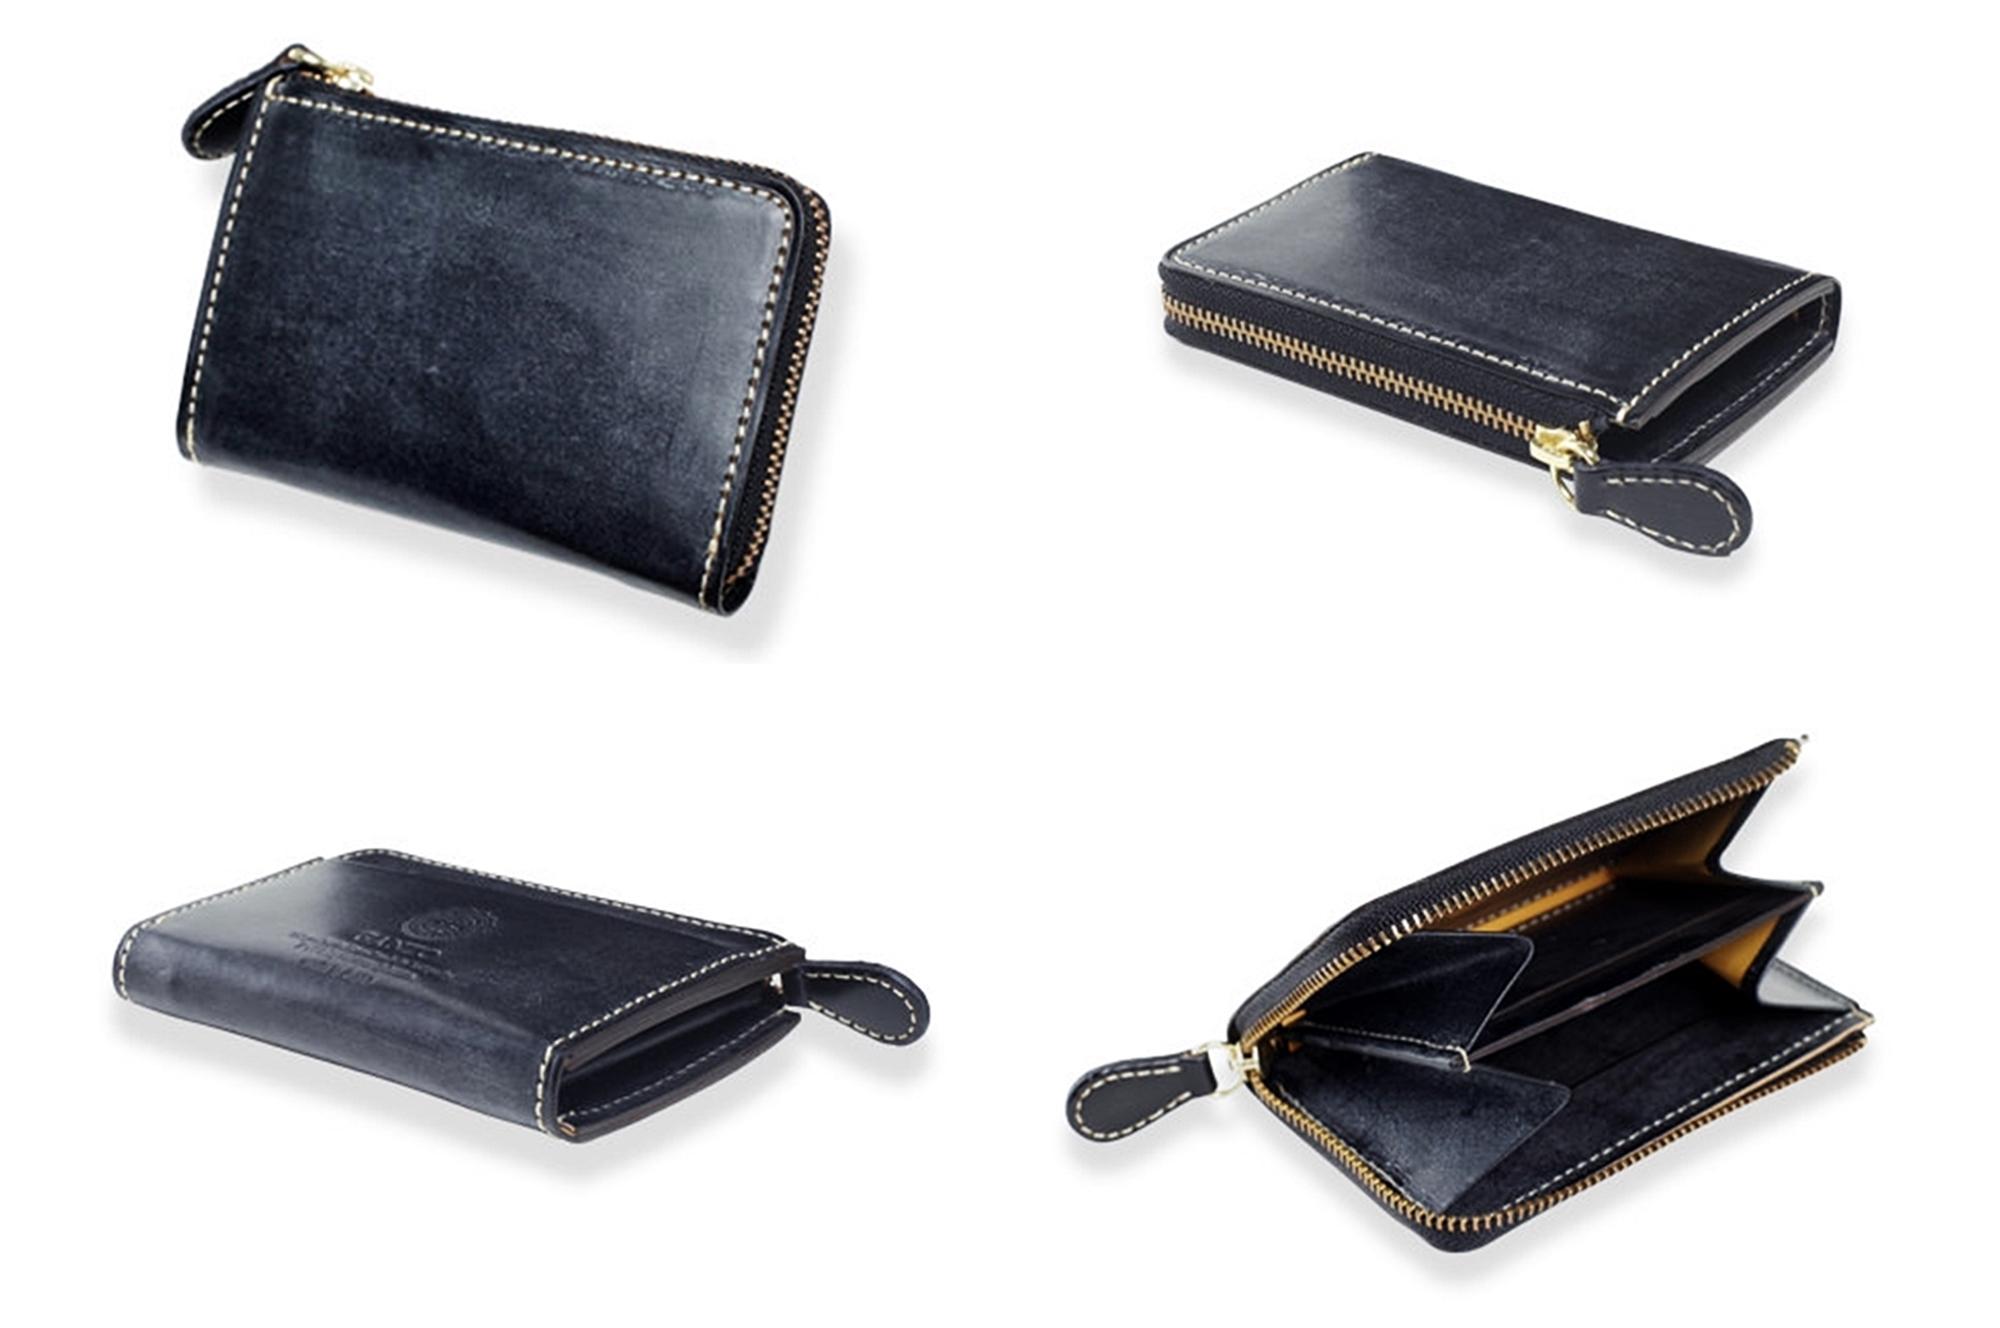 GANZO ガンゾ BRIDLE CASUAL (ブライドルカジュアル)Lファスナーカード入れ付き小銭入れ デザイン